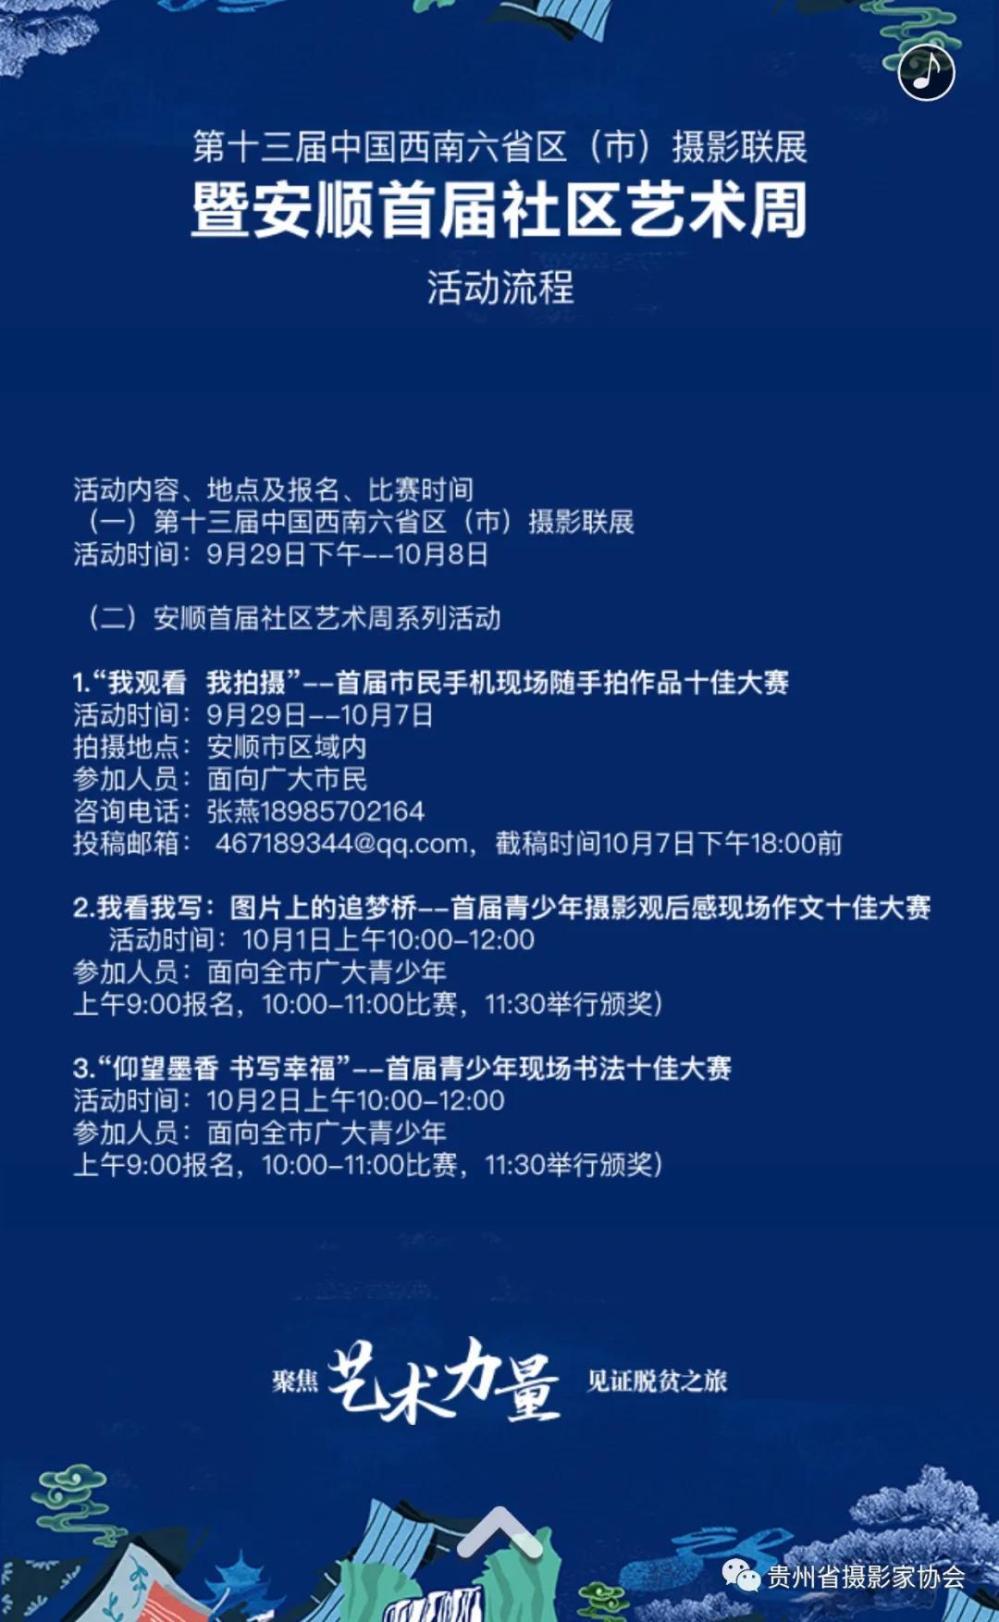 微信图片_20201010135502.jpg